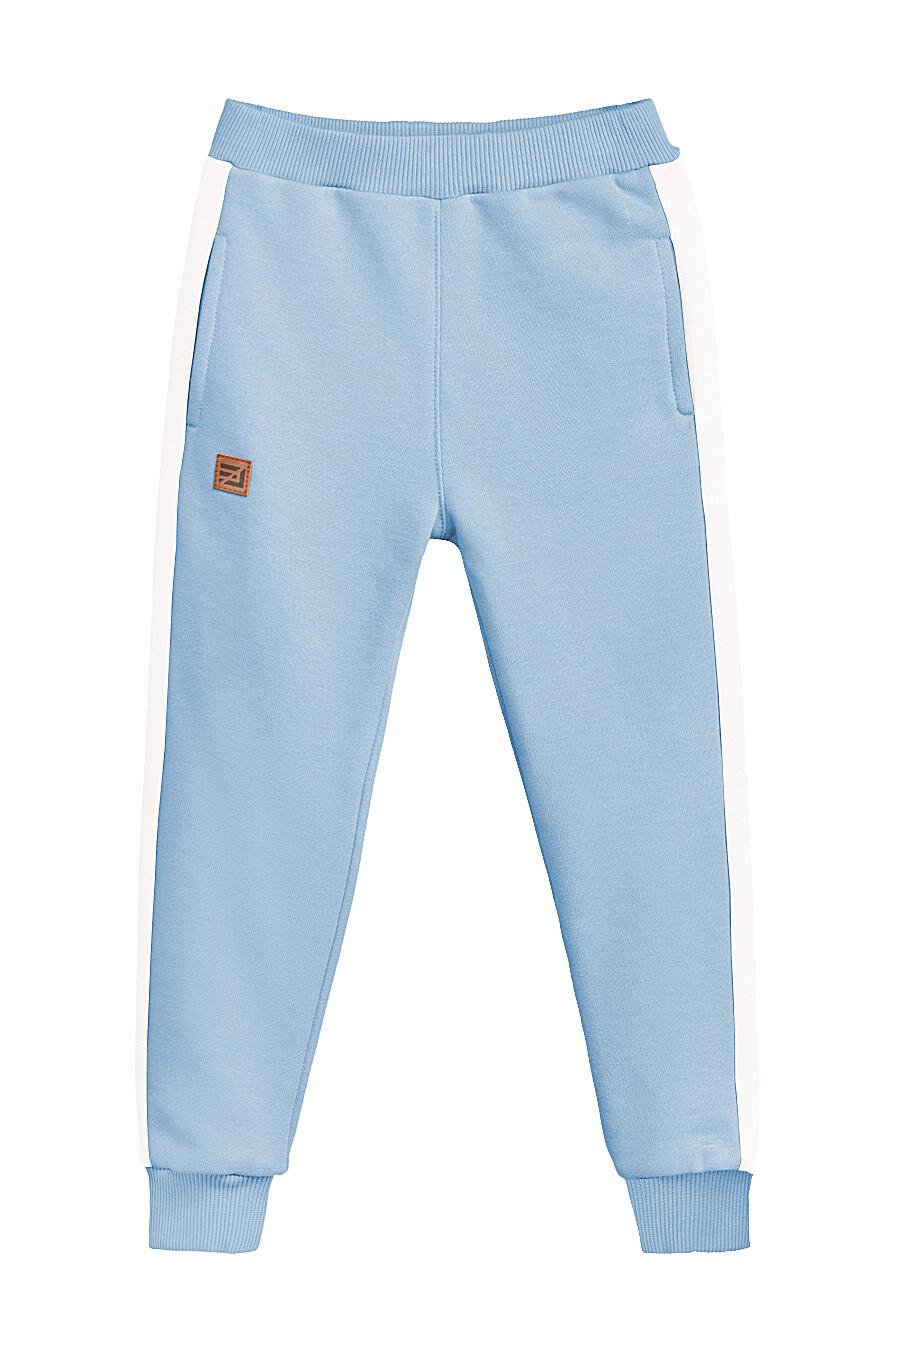 Брюки для девочек EZANNA 668073 купить оптом от производителя. Совместная покупка детской одежды в OptMoyo